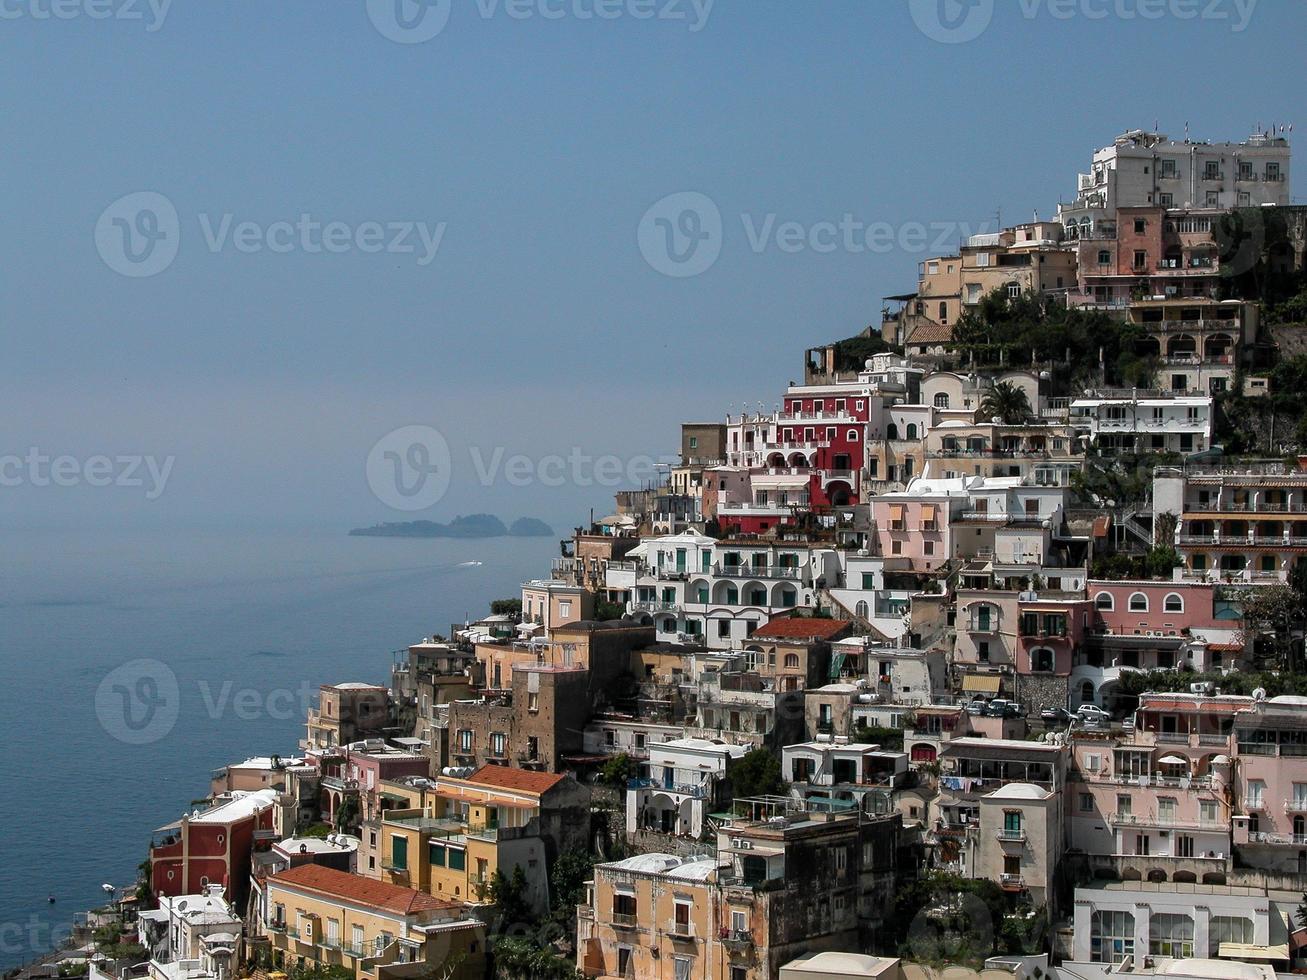 positano - immagine di case strette contro il mare. foto